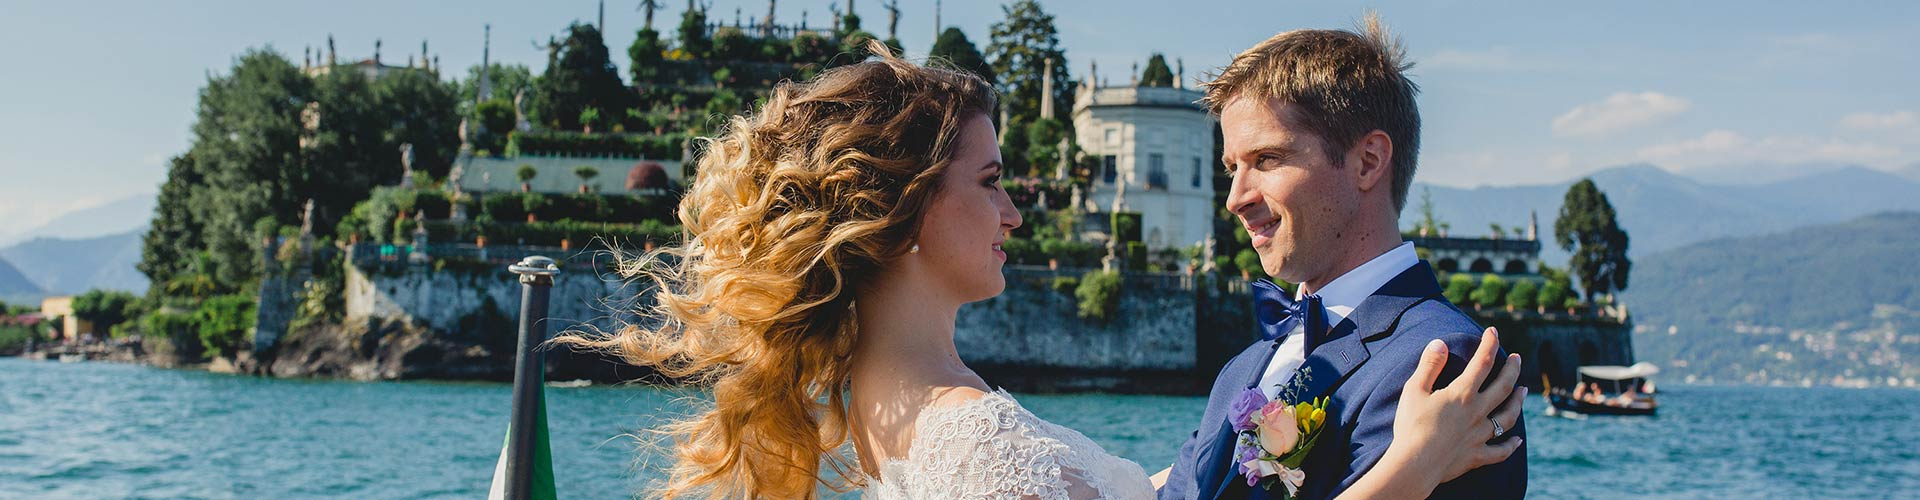 matrimonio-isola-bella